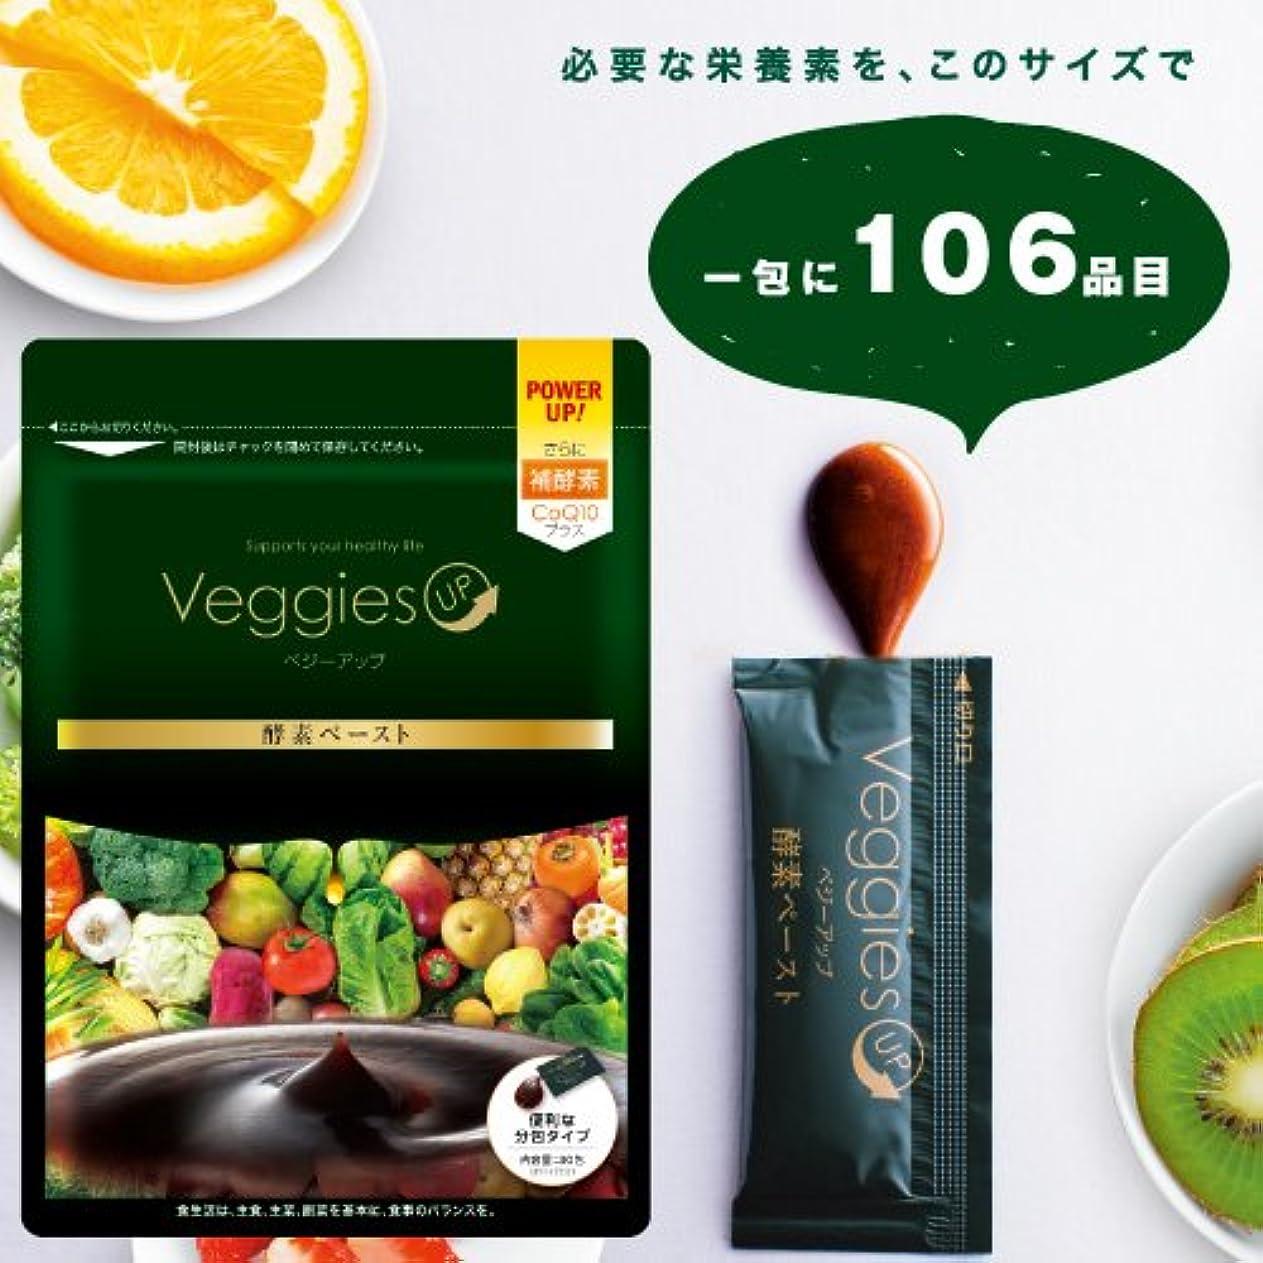 励起男やもめ山ベジーアップ酵素ペースト 90g [3g×30包] ダイエット オリゴ糖 イヌリン コエンザイムQ10 黒ウコン 健康